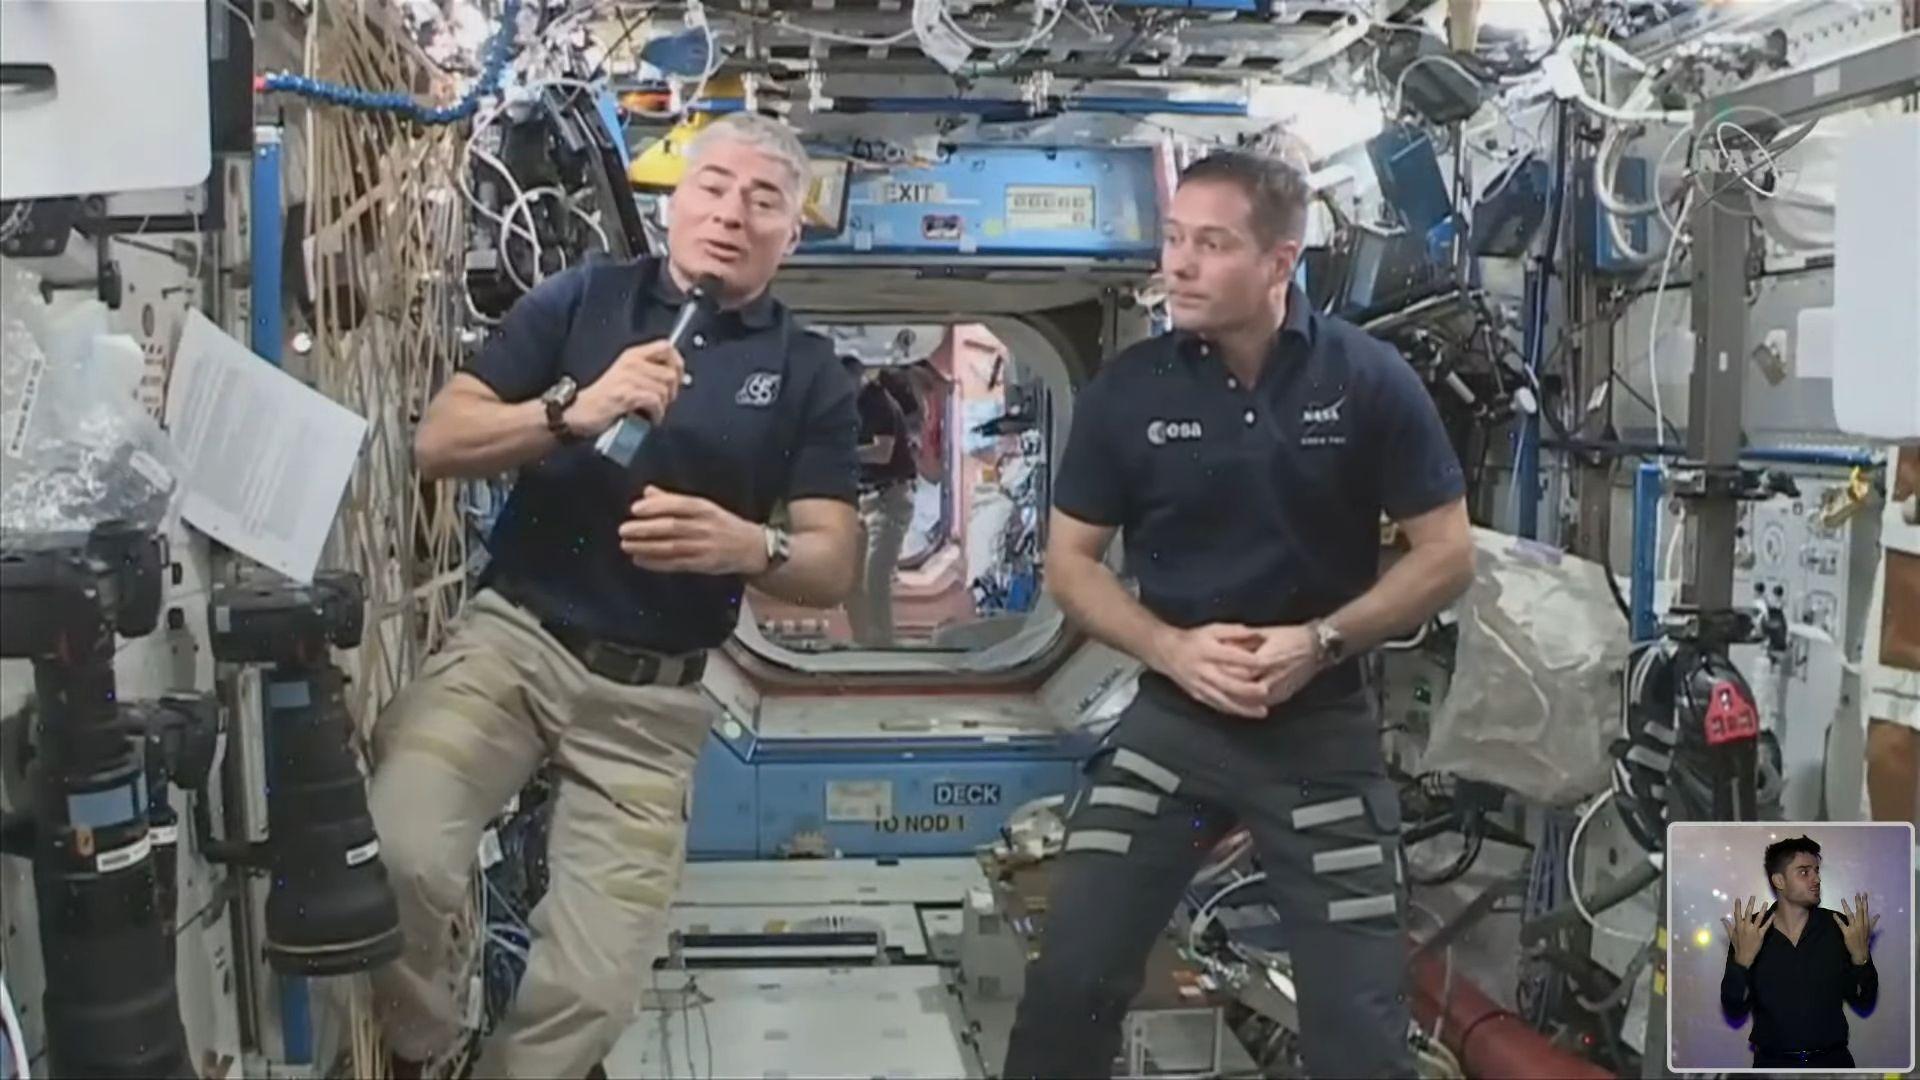 Ало, Космос! Говори България: Деца влязоха в пряка връзка с Космоса (видео)